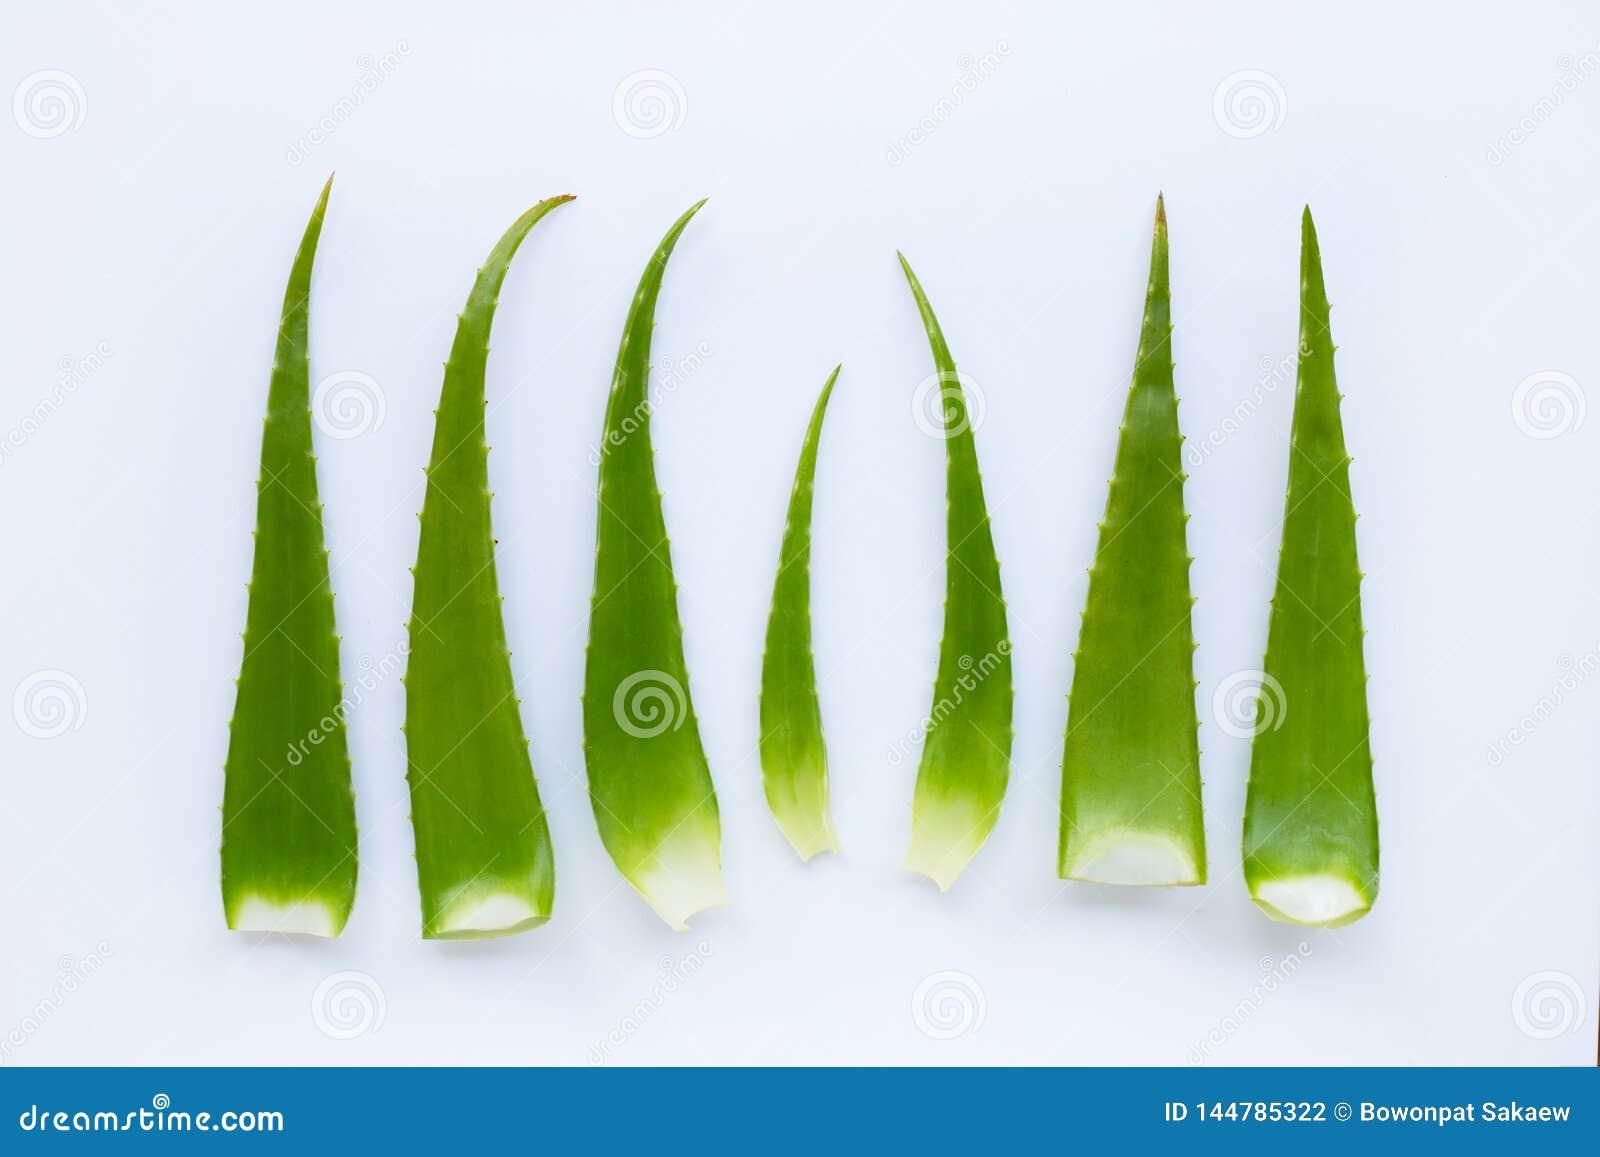 L aloès Vera est une plante médicinale populaire pour la santé et la beauté, dessus au-dessus de blanc